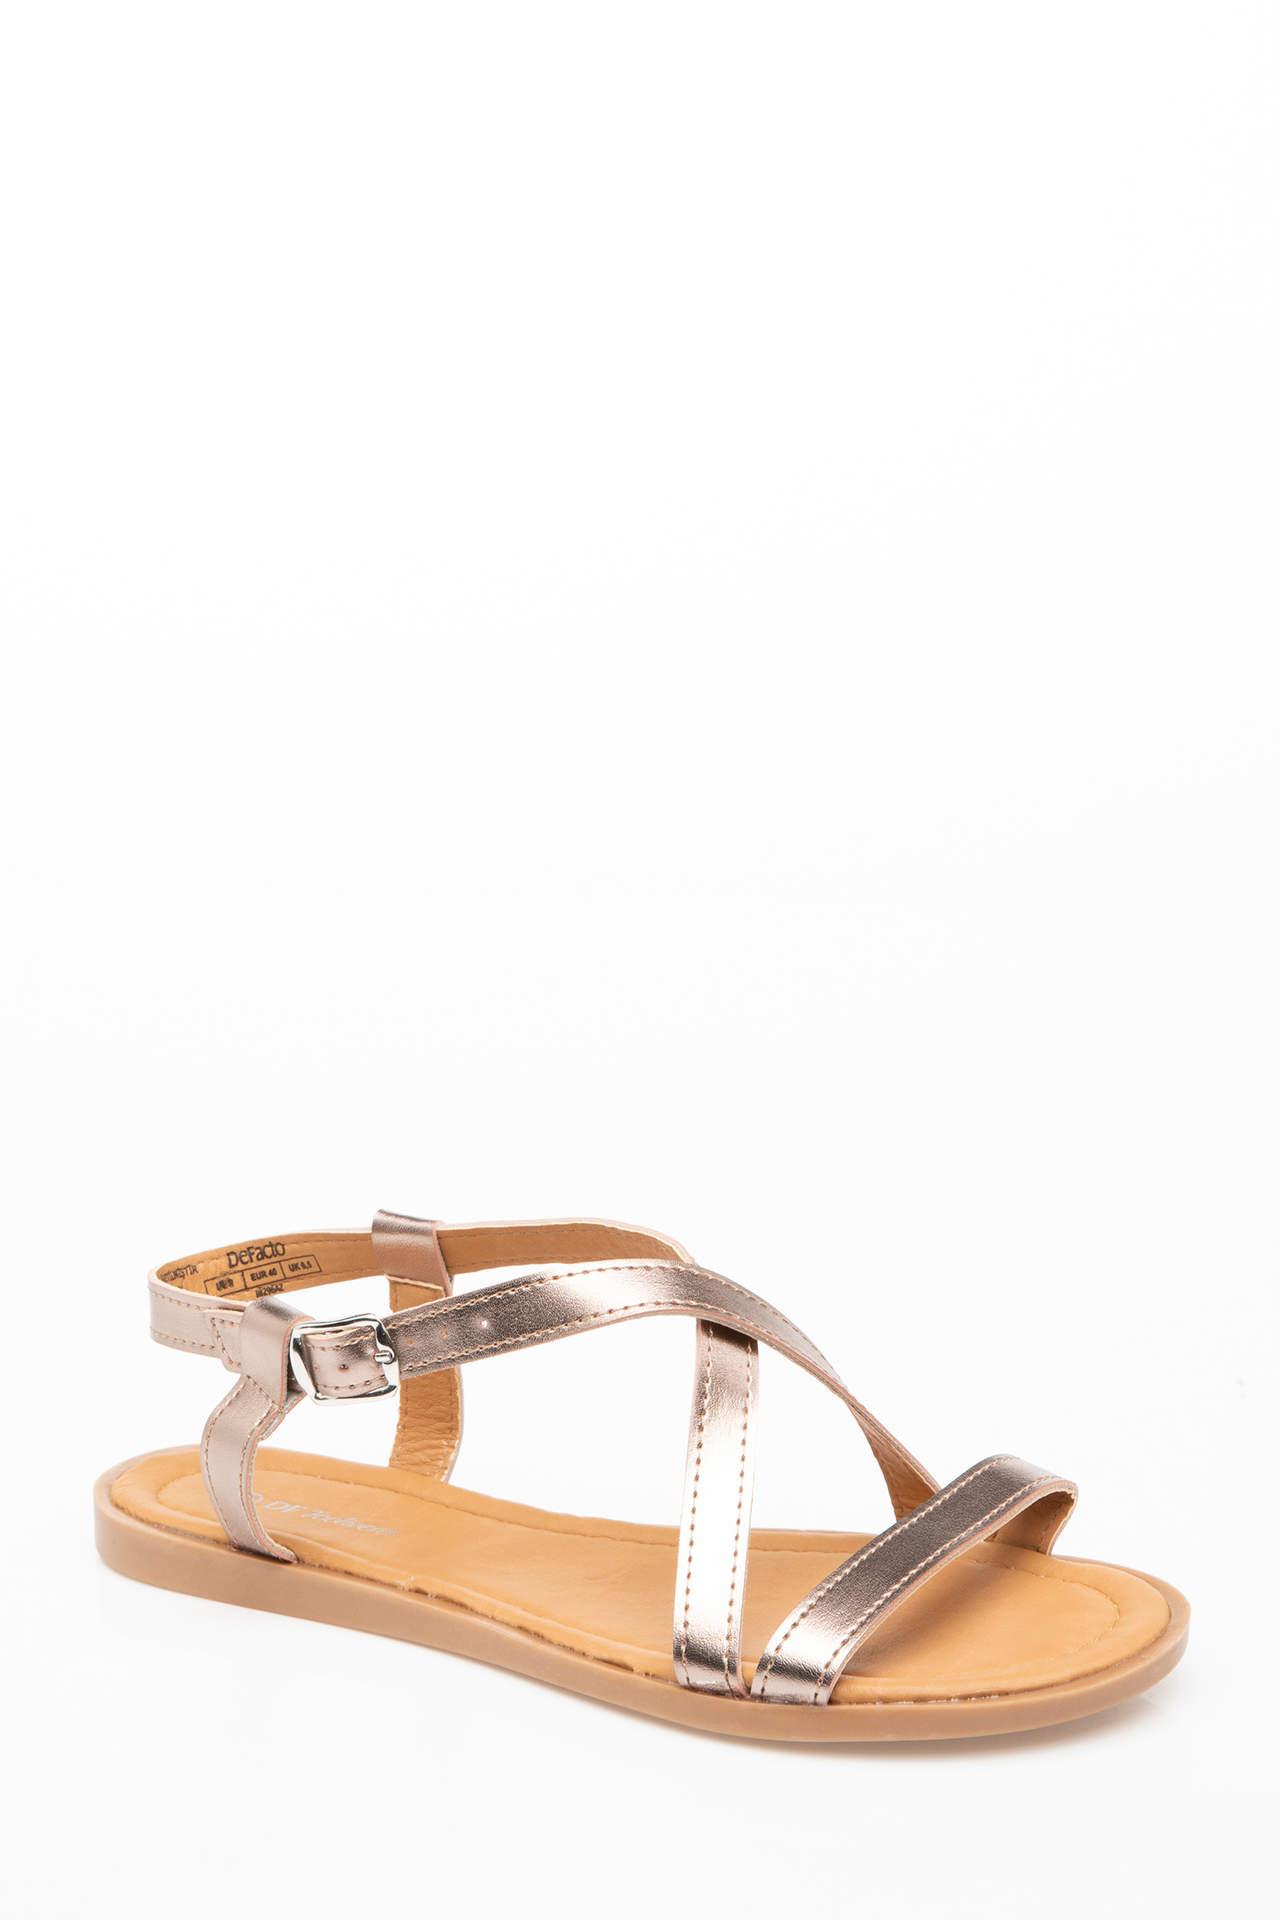 Defacto Kadın Sandalet